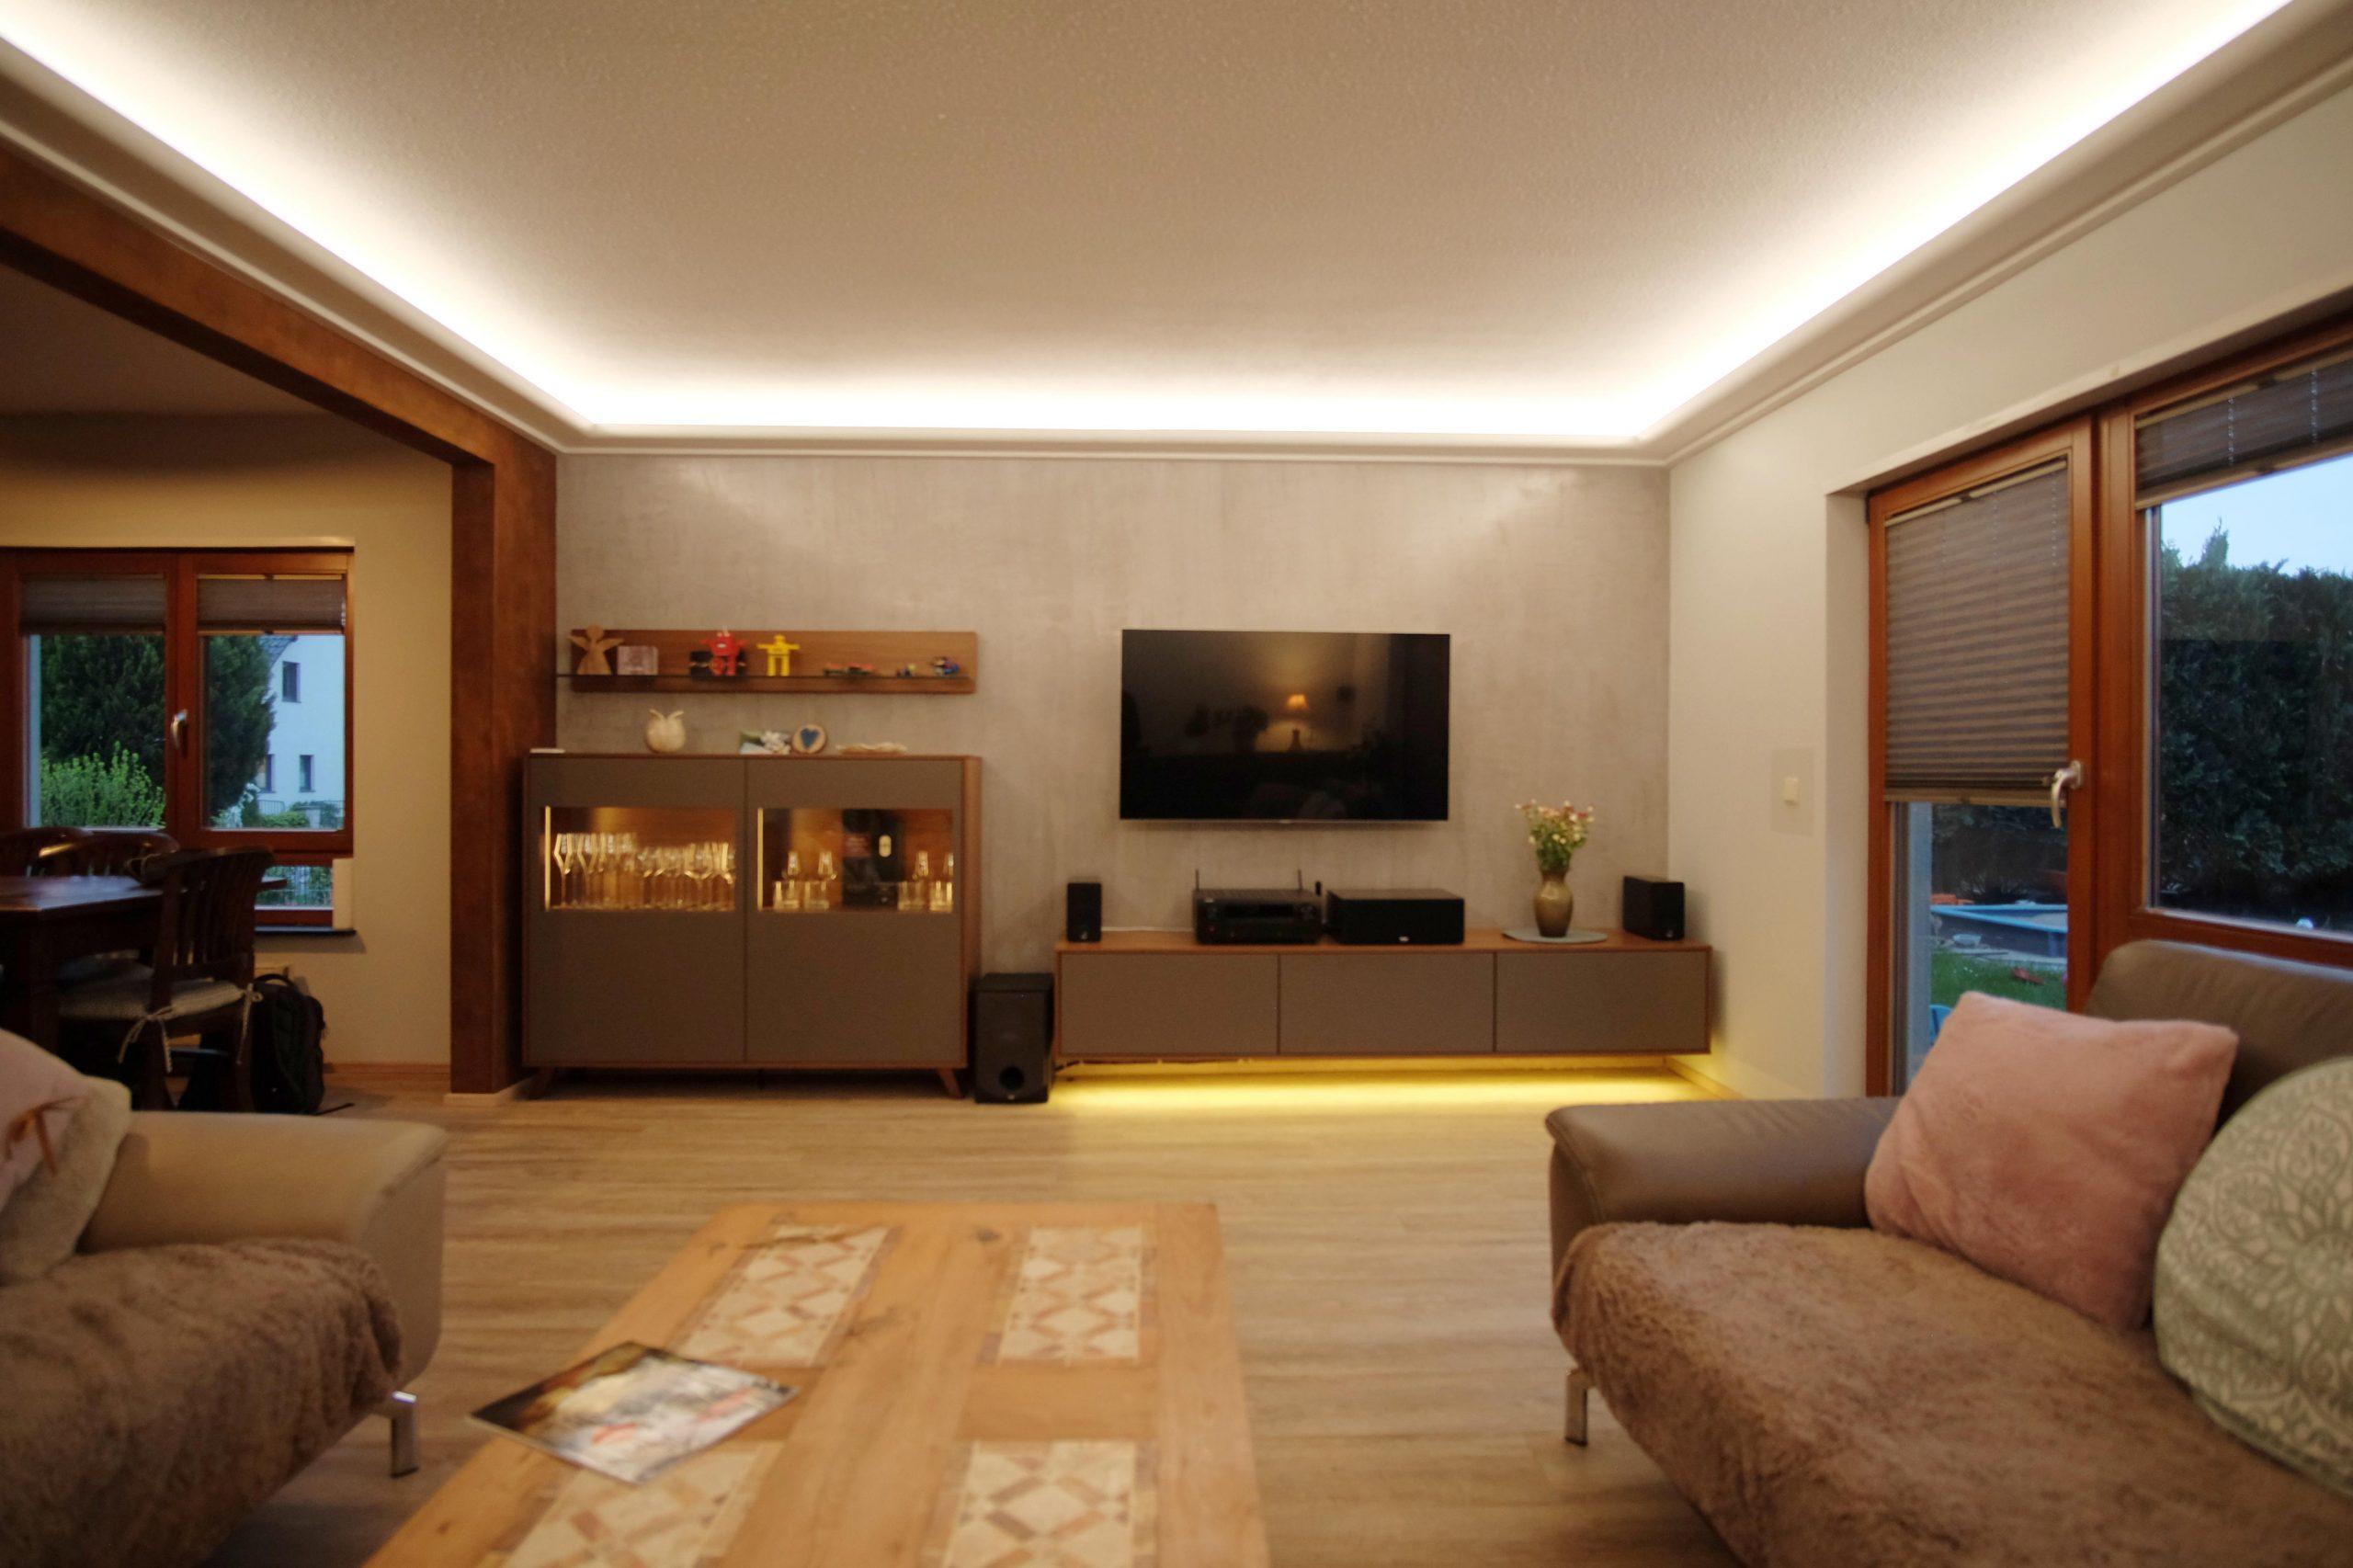 Full Size of Wohnzimmer Indirekte Beleuchtung Indirektes Licht Vorher Nachher Deckenlampen Sessel Deckenleuchte Led Vorhänge Teppich Tapeten Ideen Spiegelschrank Bad Mit Wohnzimmer Wohnzimmer Indirekte Beleuchtung